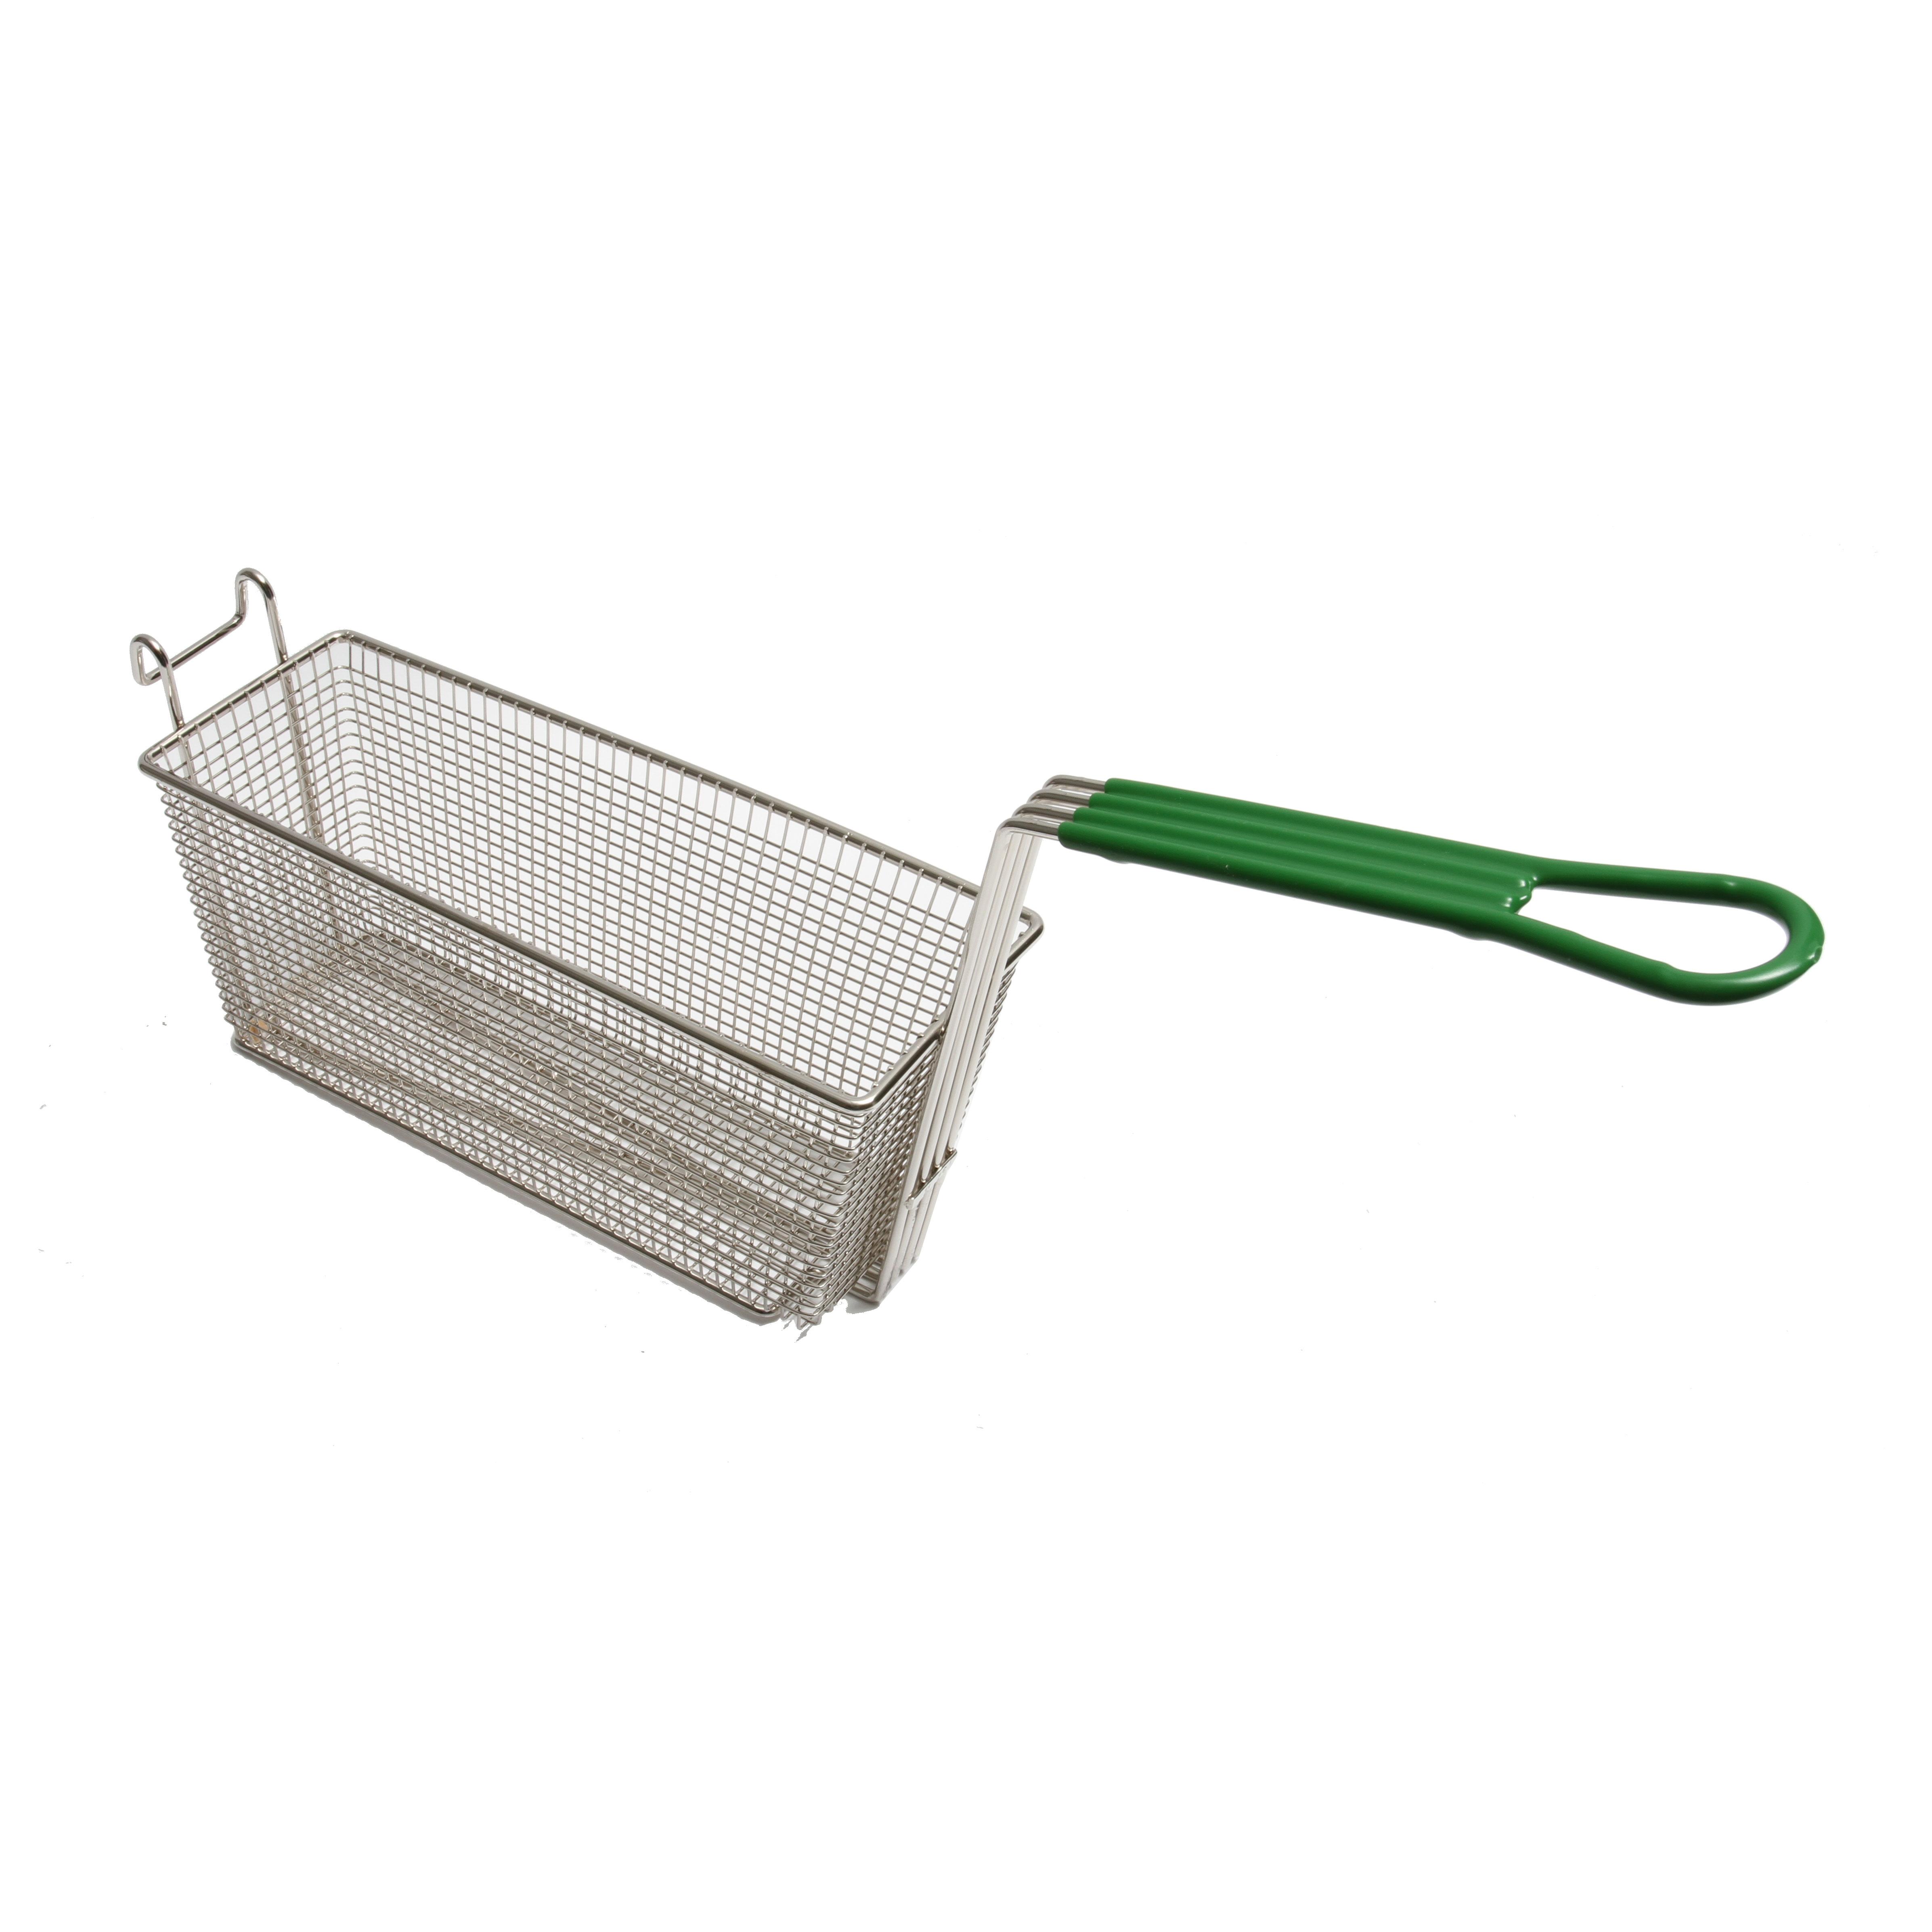 Frymaster 803-0357@QUAD fryer basket